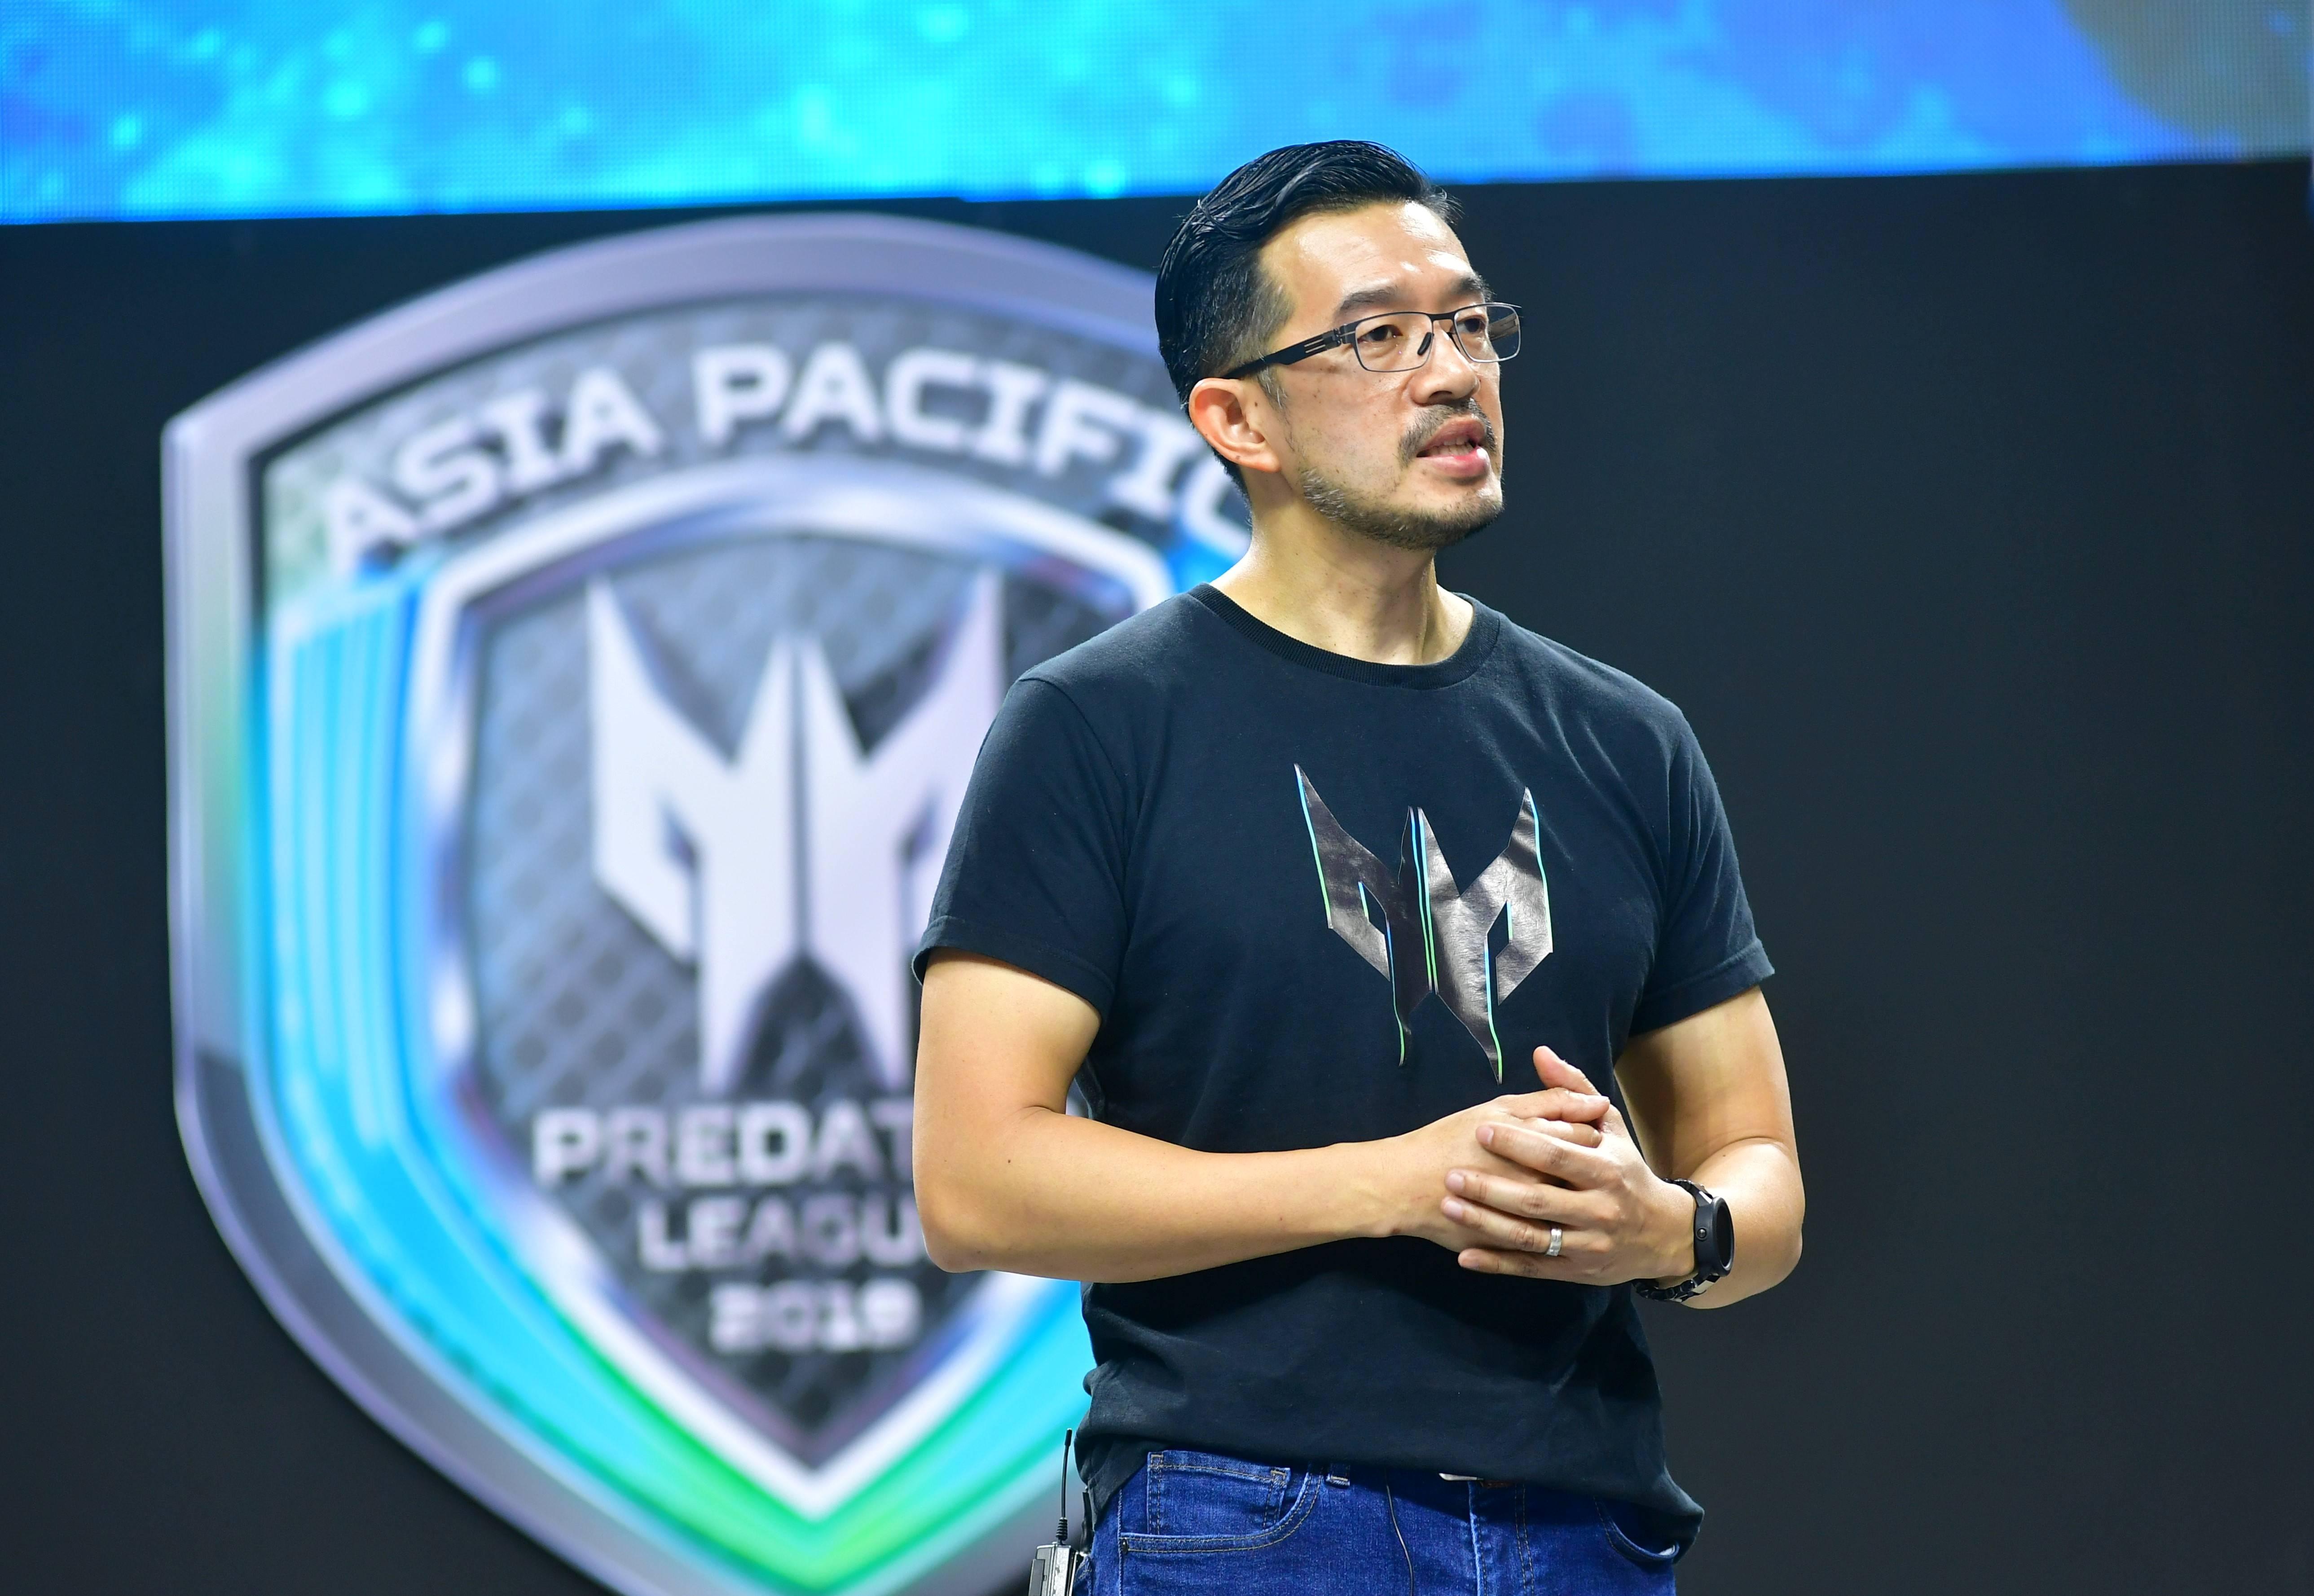 arr 7258 บรรยากาศงาน Asia Pacific Predator League 2019 สุดยอดขุนพลทีมอีสปอร์ตเข้าร่วมการแข่งขันรอบแกรนด์ไฟนอล